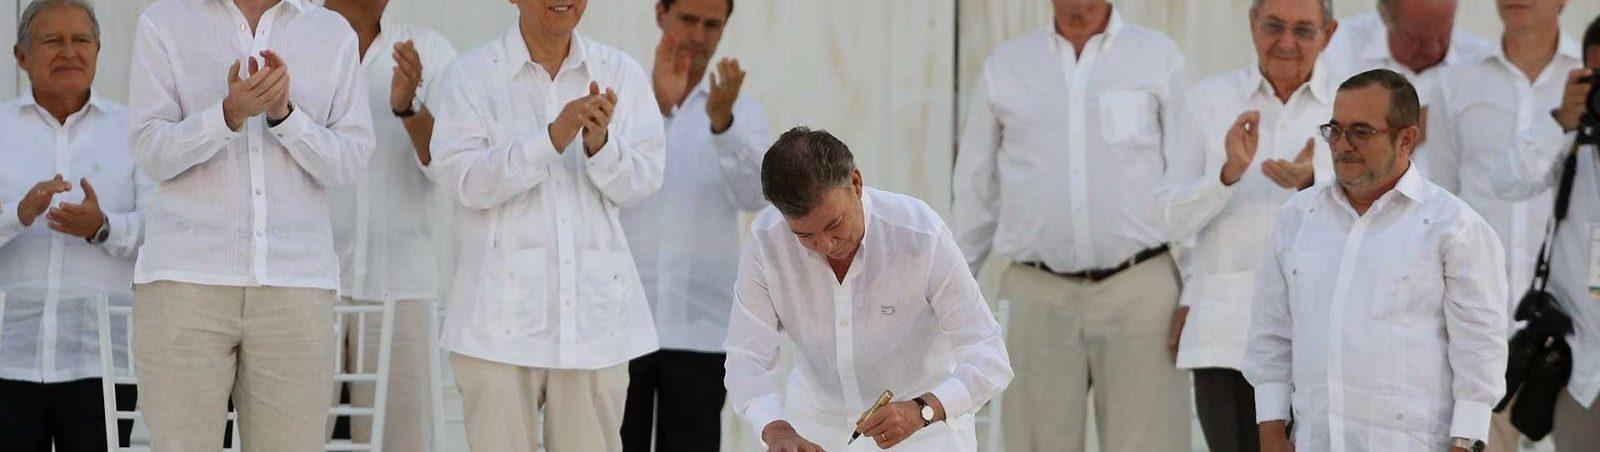 acuerdo-de-paz-colombia-02